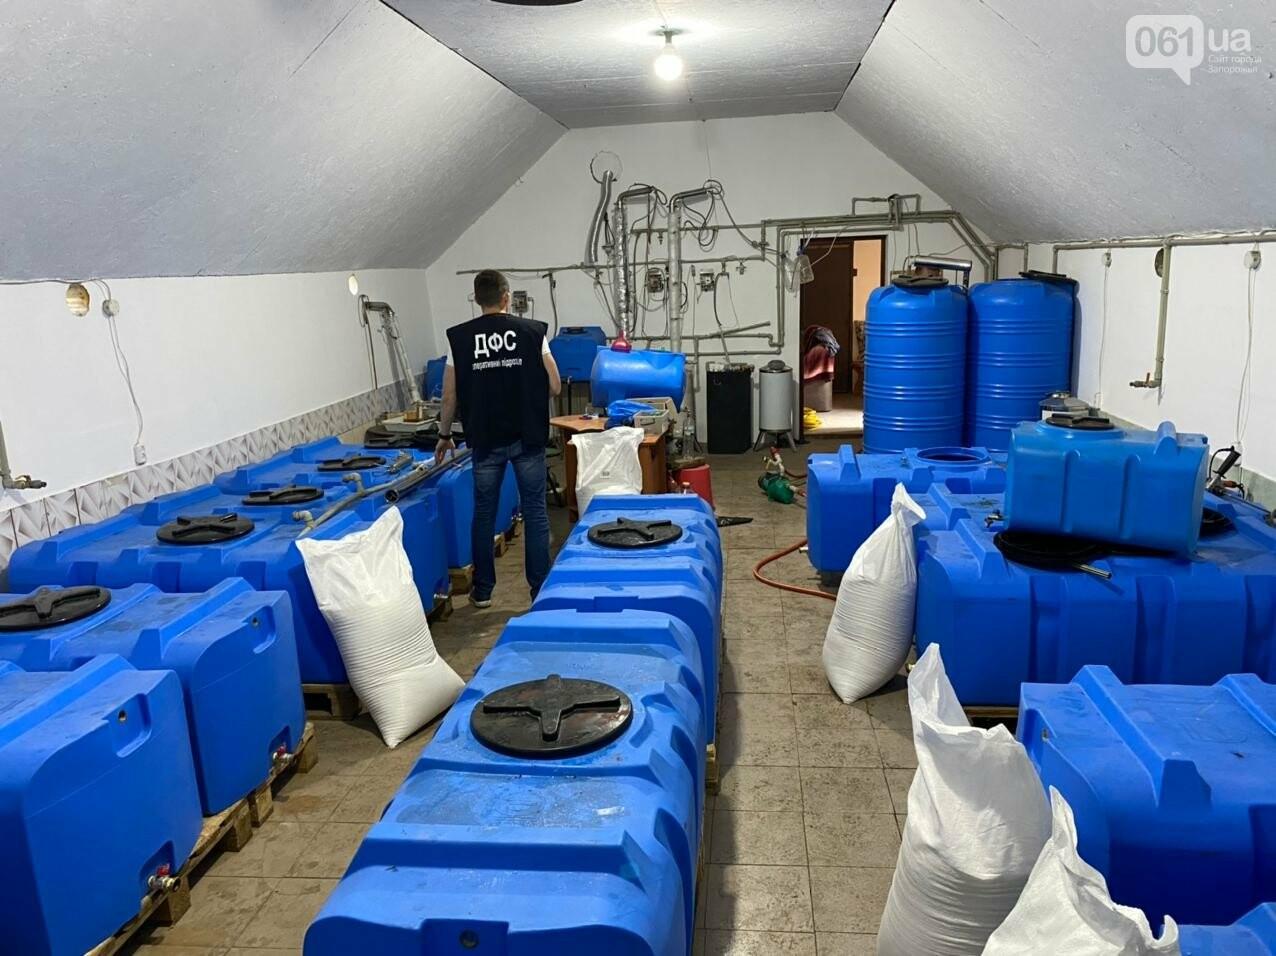 В Запорожской области накрыли подпольный цех по производству алкоголя, - ФОТО, фото-7